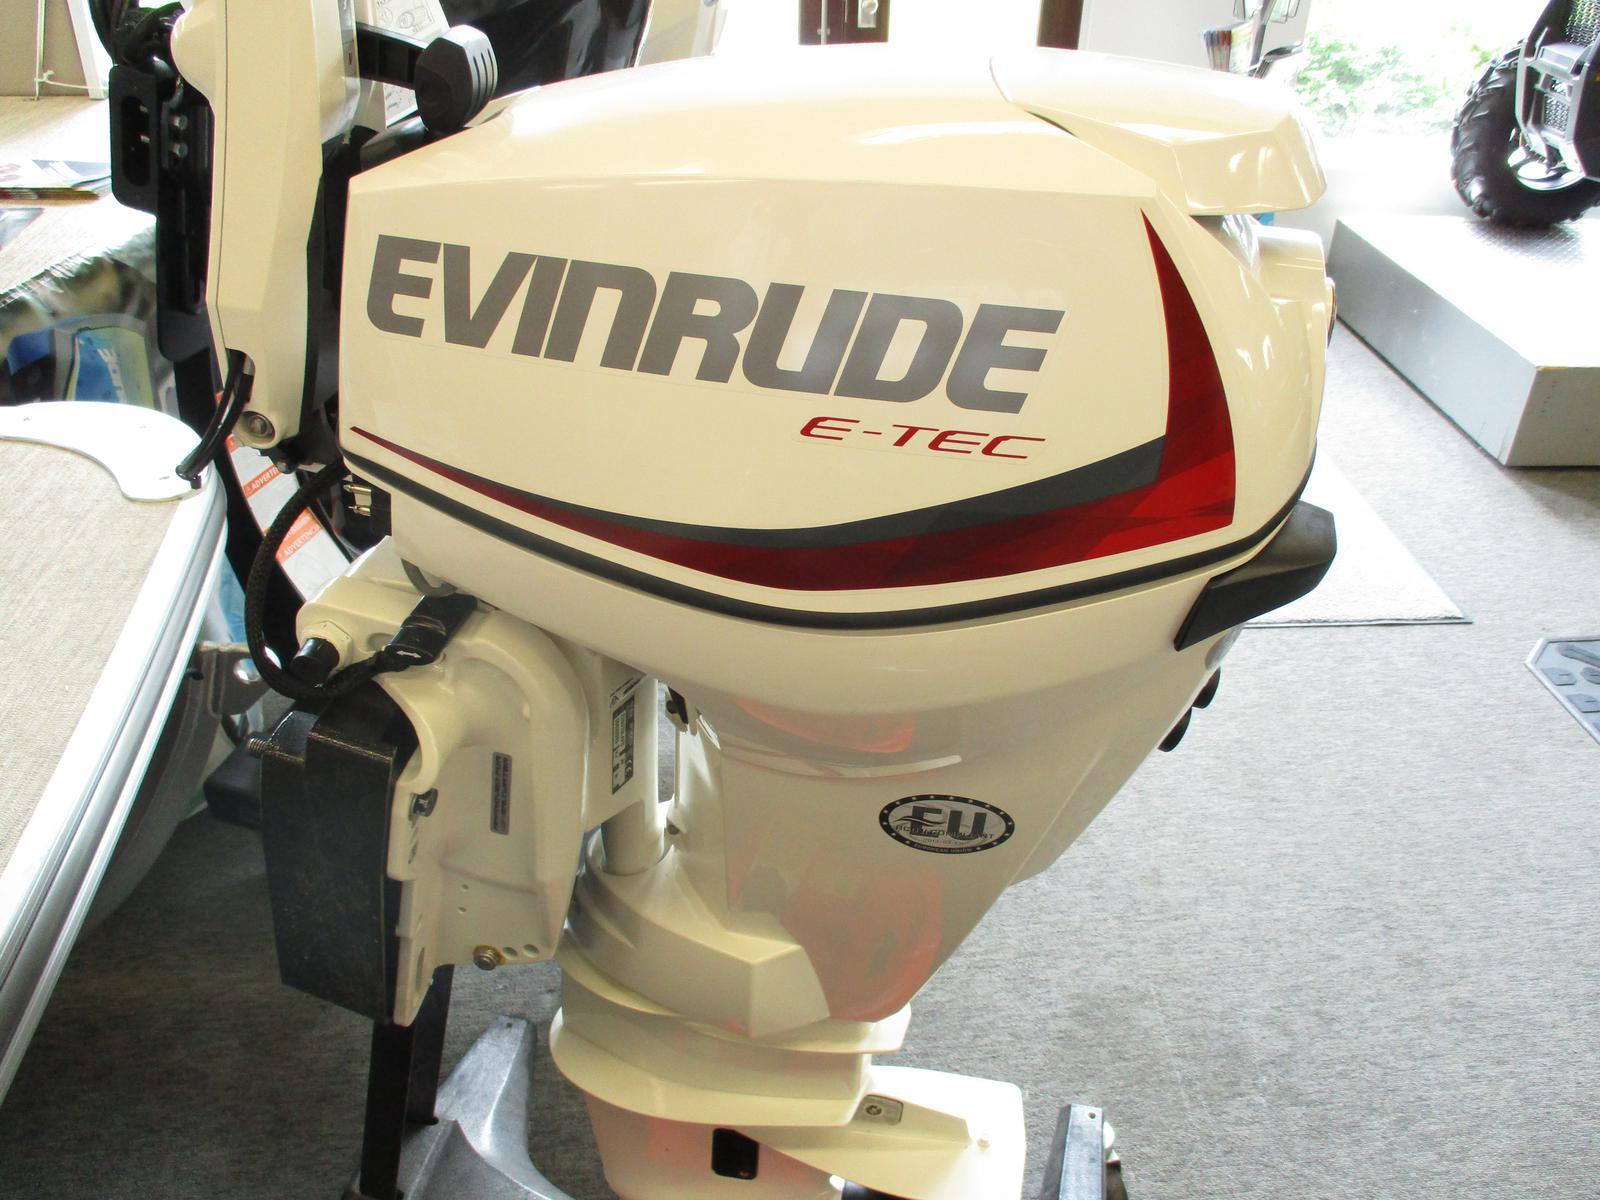 25 Hp Evinrude For Sale >> 2019 Evinrude 25 Hp E25dtsl White